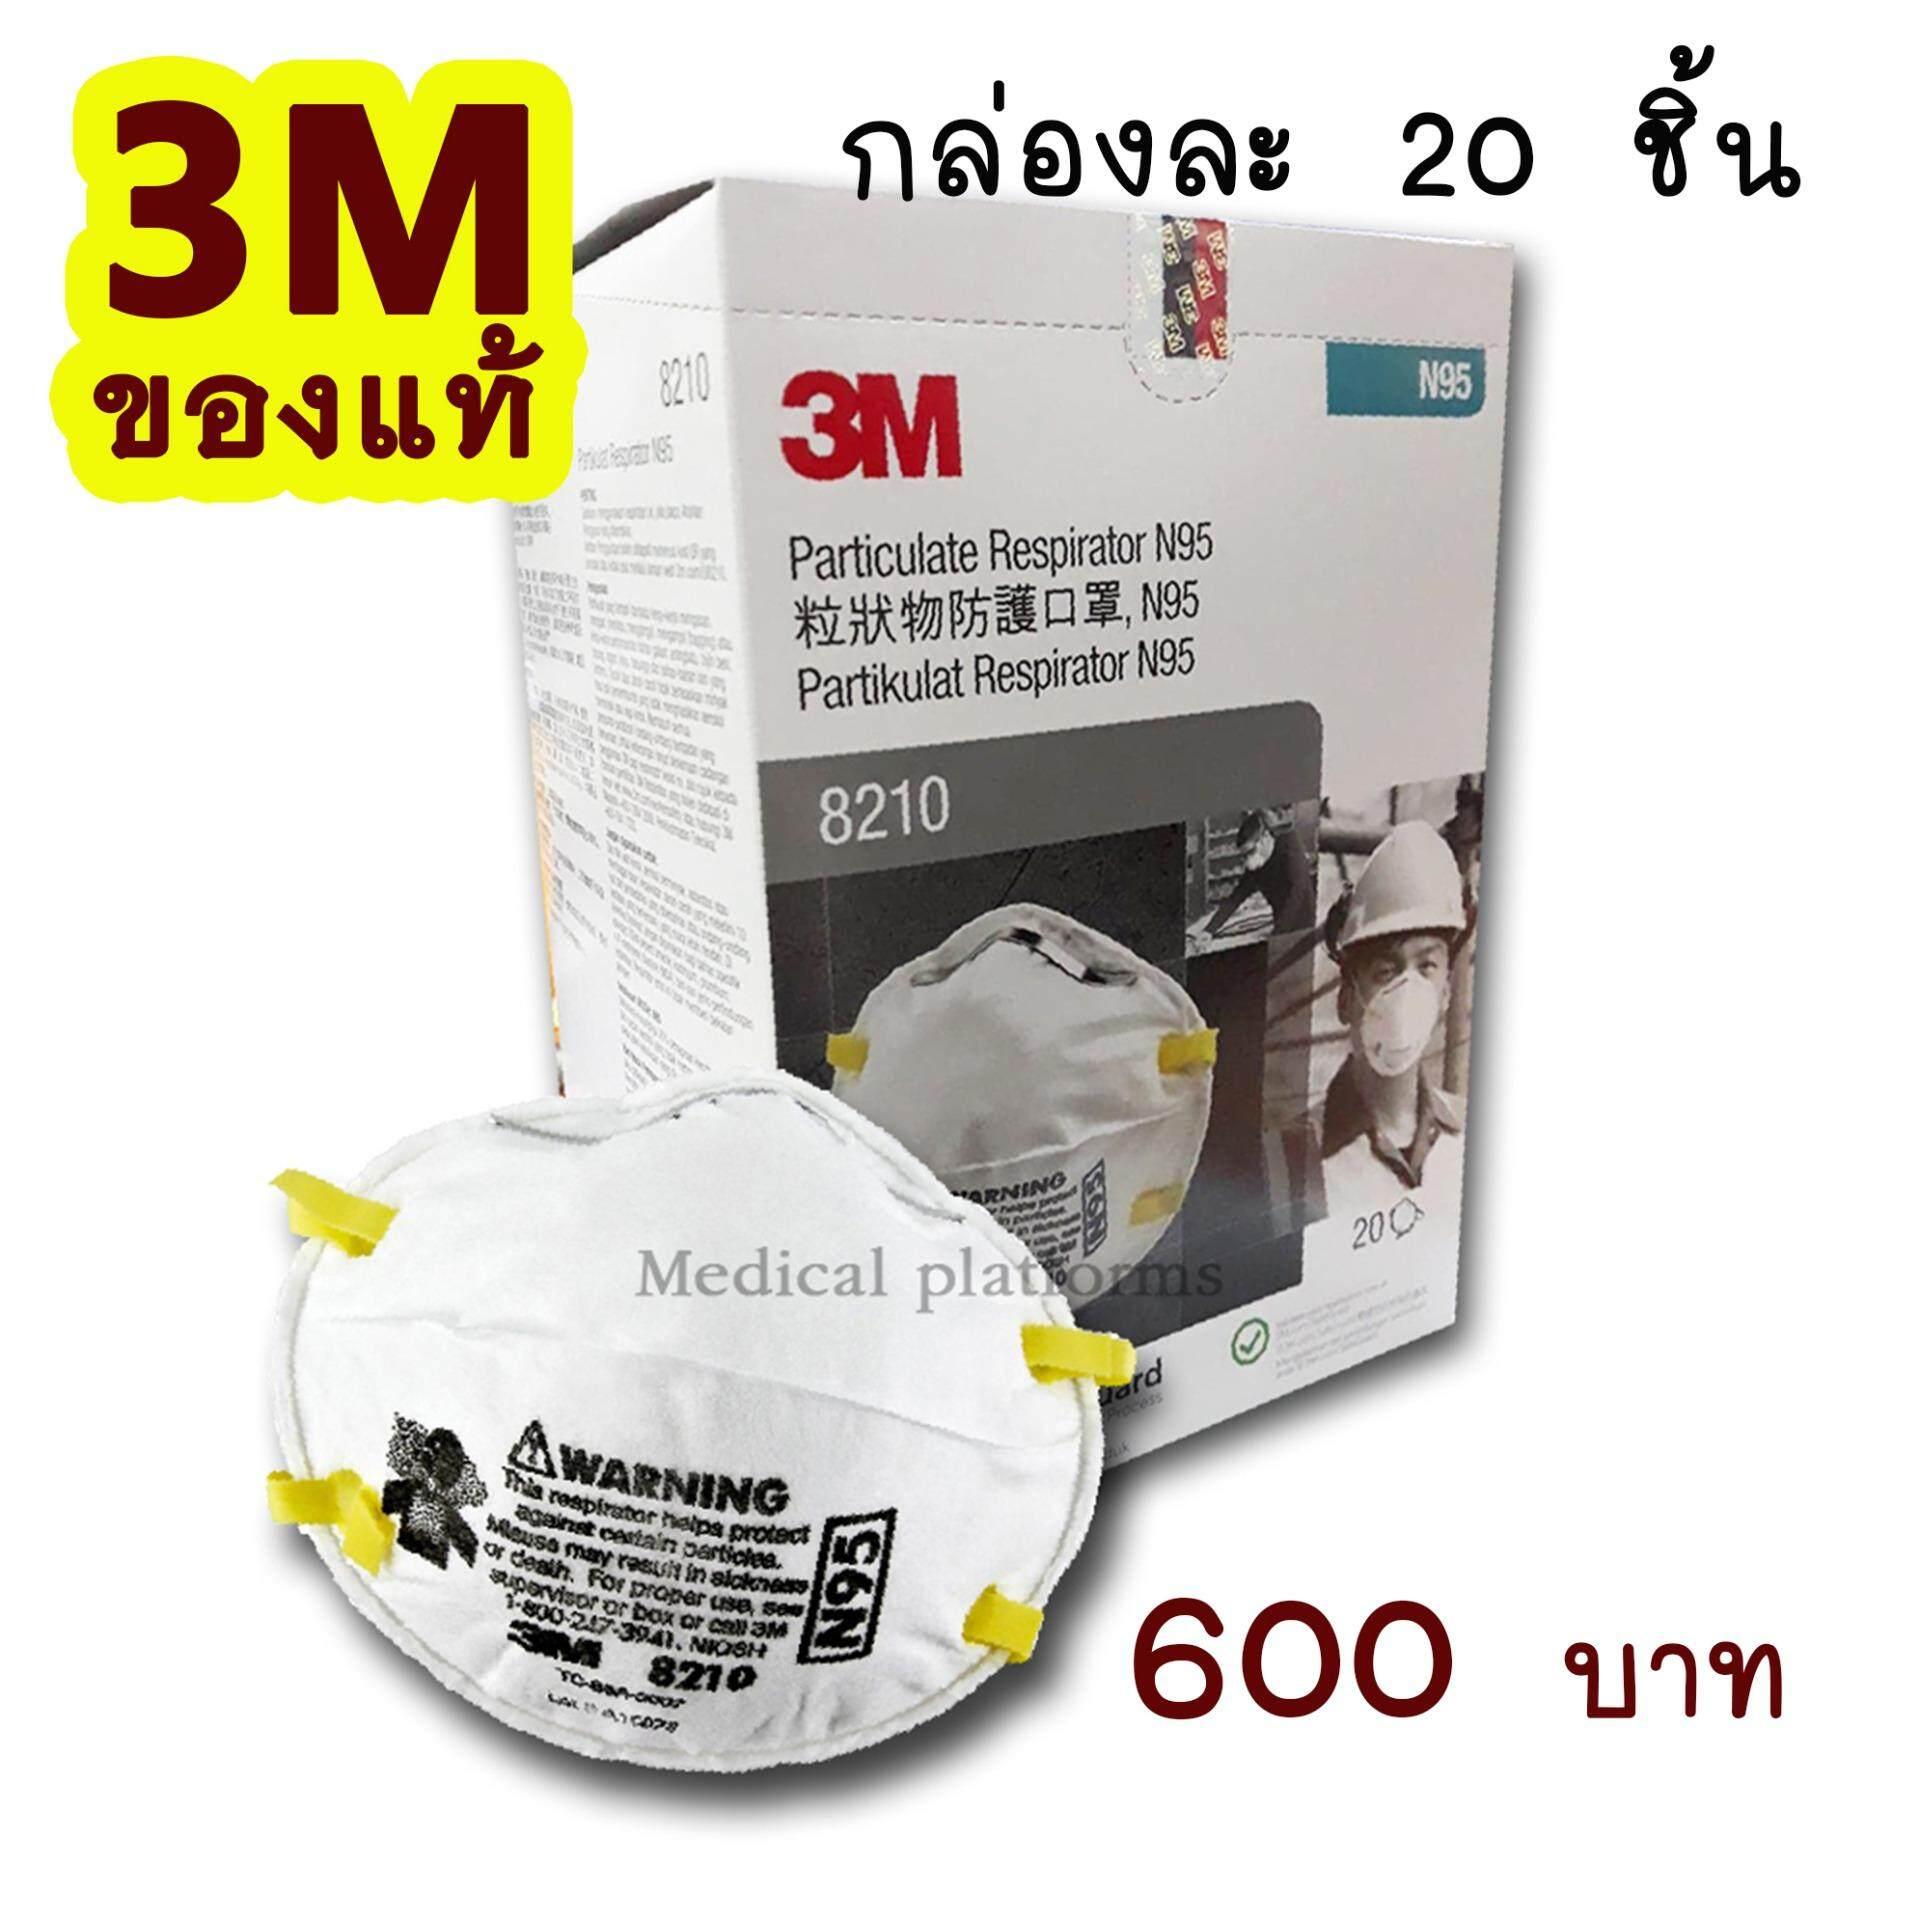 หน้ากากป้องกันฝุ่นละอองn95 แบรนด์ 3m รุ่น 8210 จำนวน 20 ชิ้น/กล่อง By Medical Platforms.